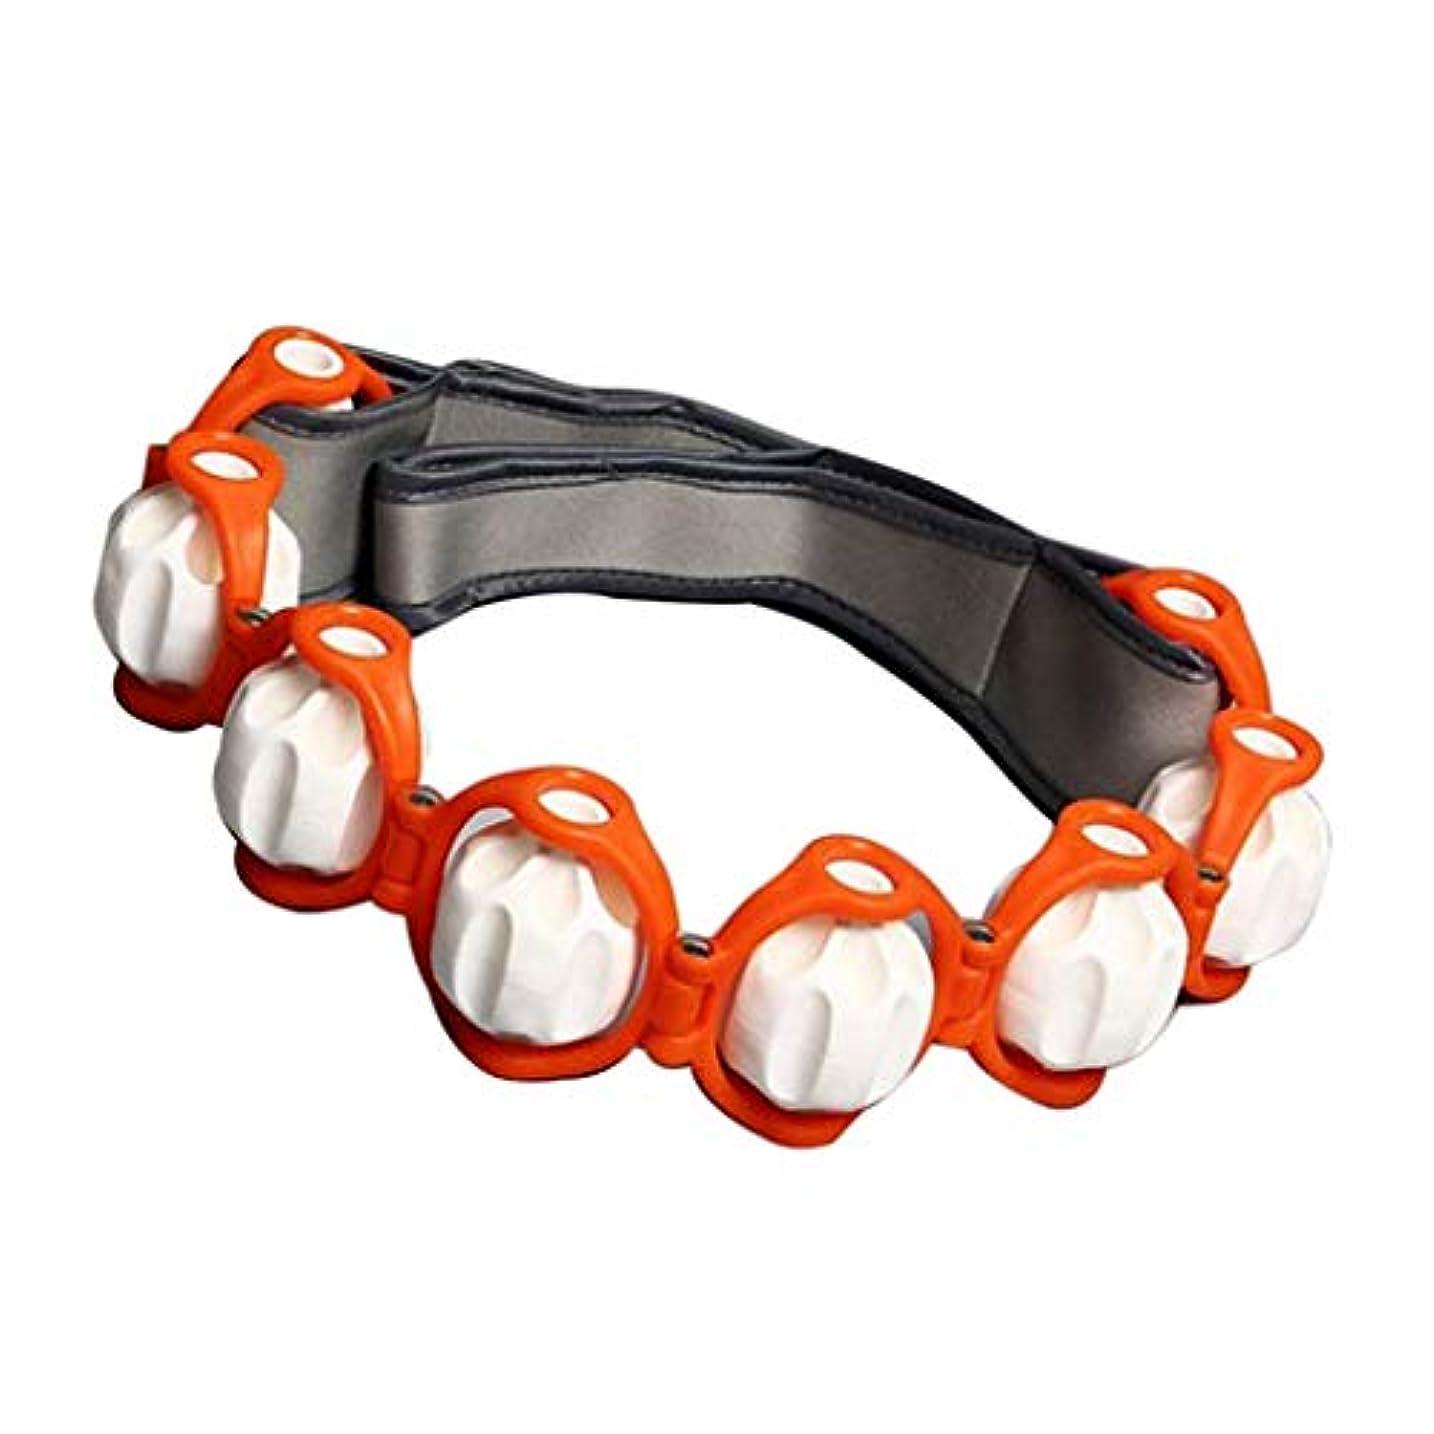 摘むデッド遠えマッサージローラー トリガーポイント 筋膜リリース 筋肉マッサージ マッサージツール4色選べ - オレンジ